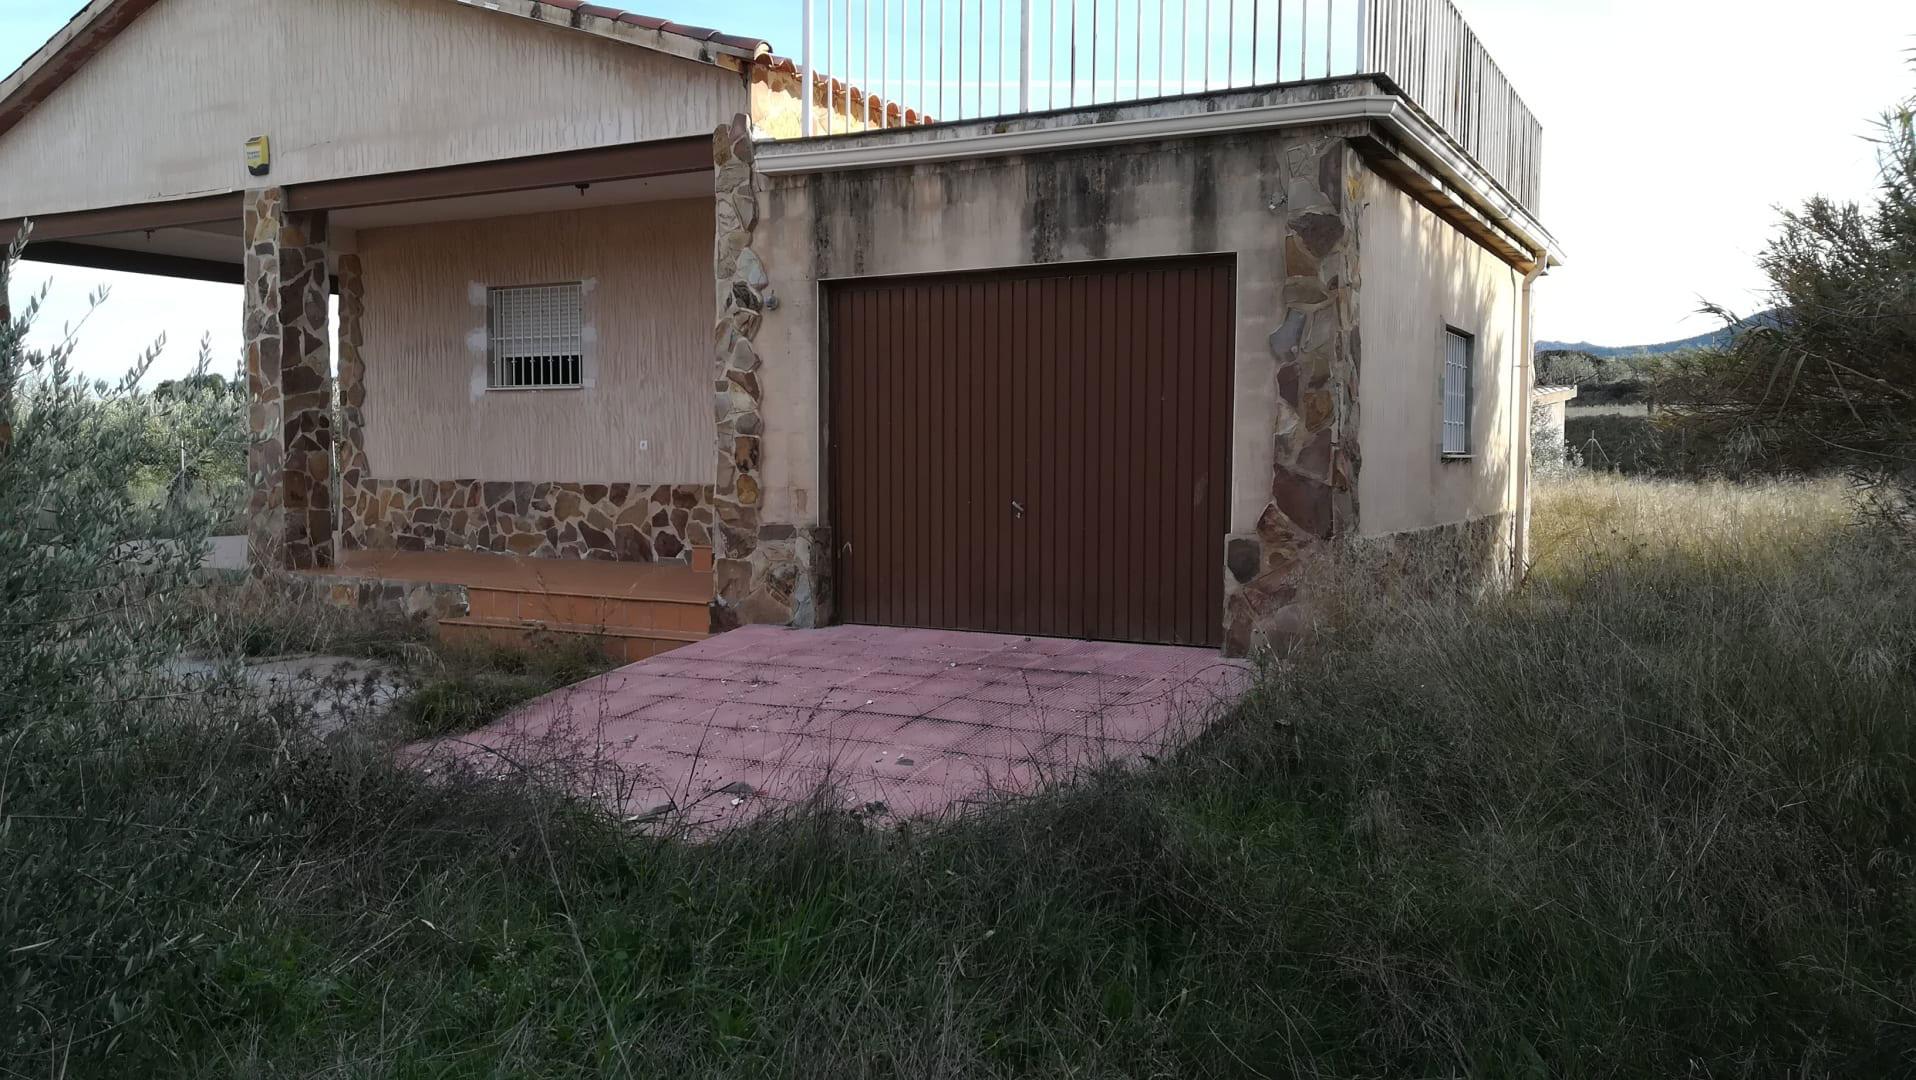 Casa en venta en Castalla, Alicante, Lugar Barranco del Porc, 131.344 €, 3 habitaciones, 2 baños, 158 m2